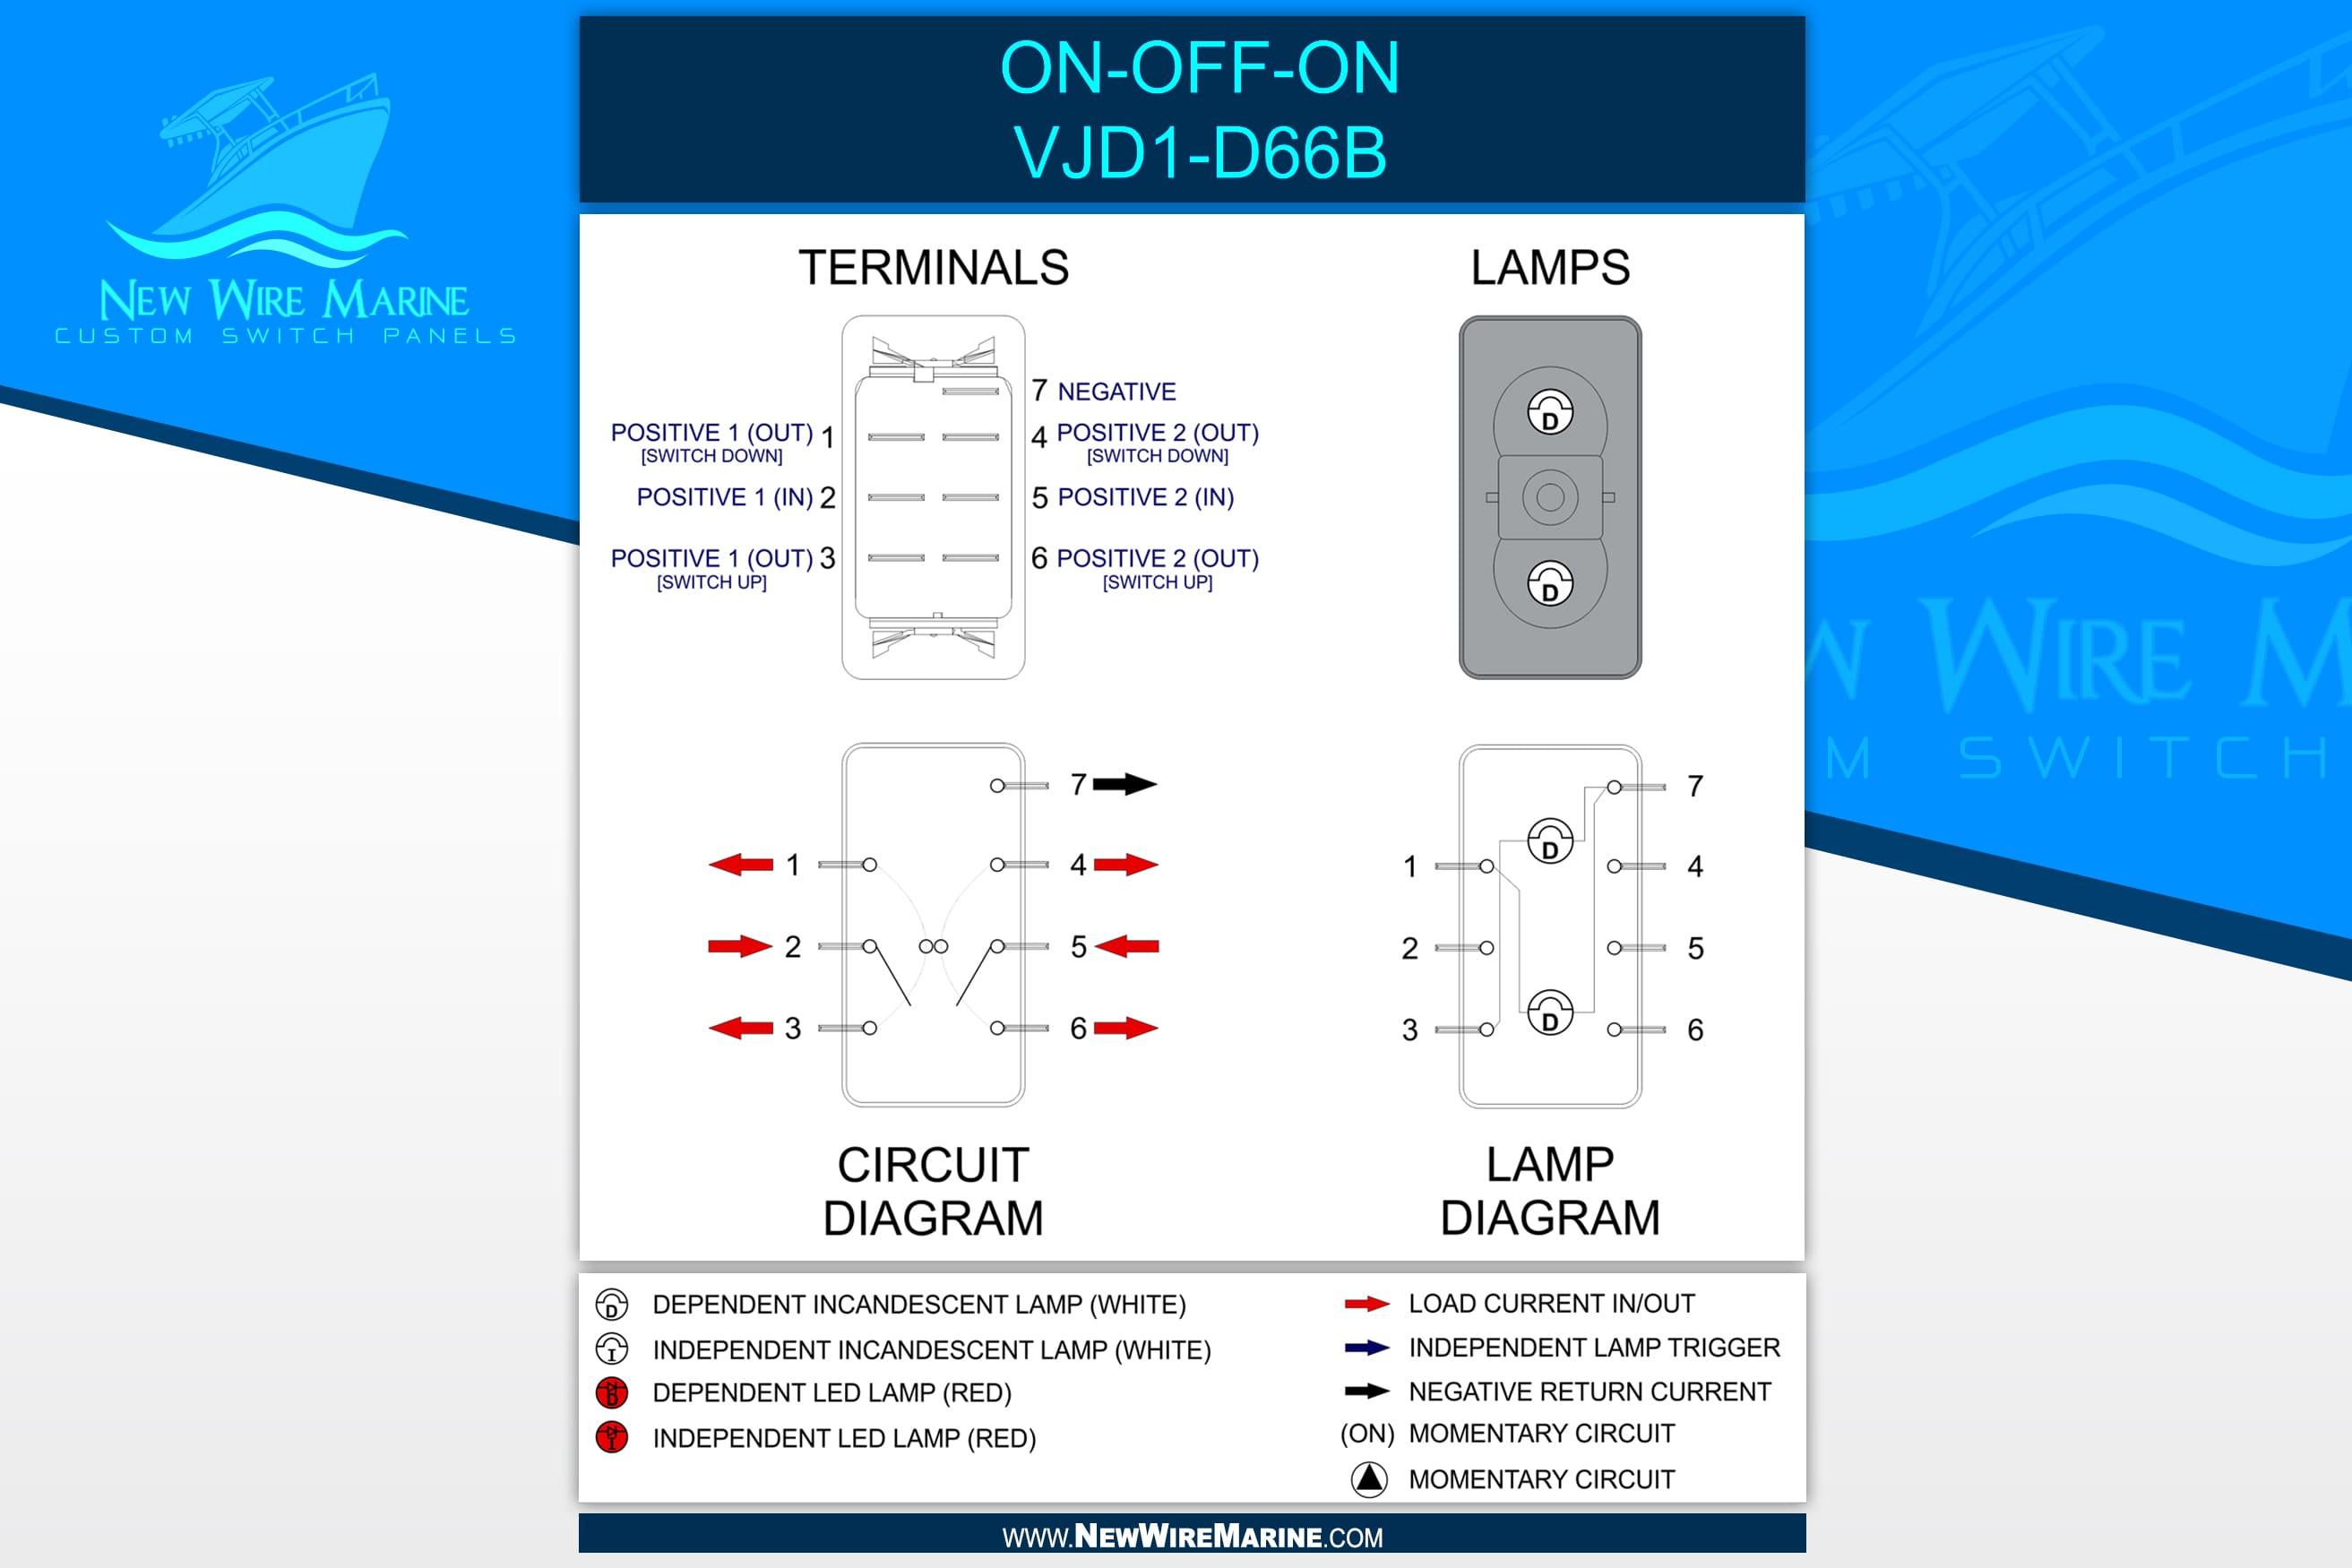 carling rocker switch wiring diagram ac split daikin inverter on off dpdt new wire marine